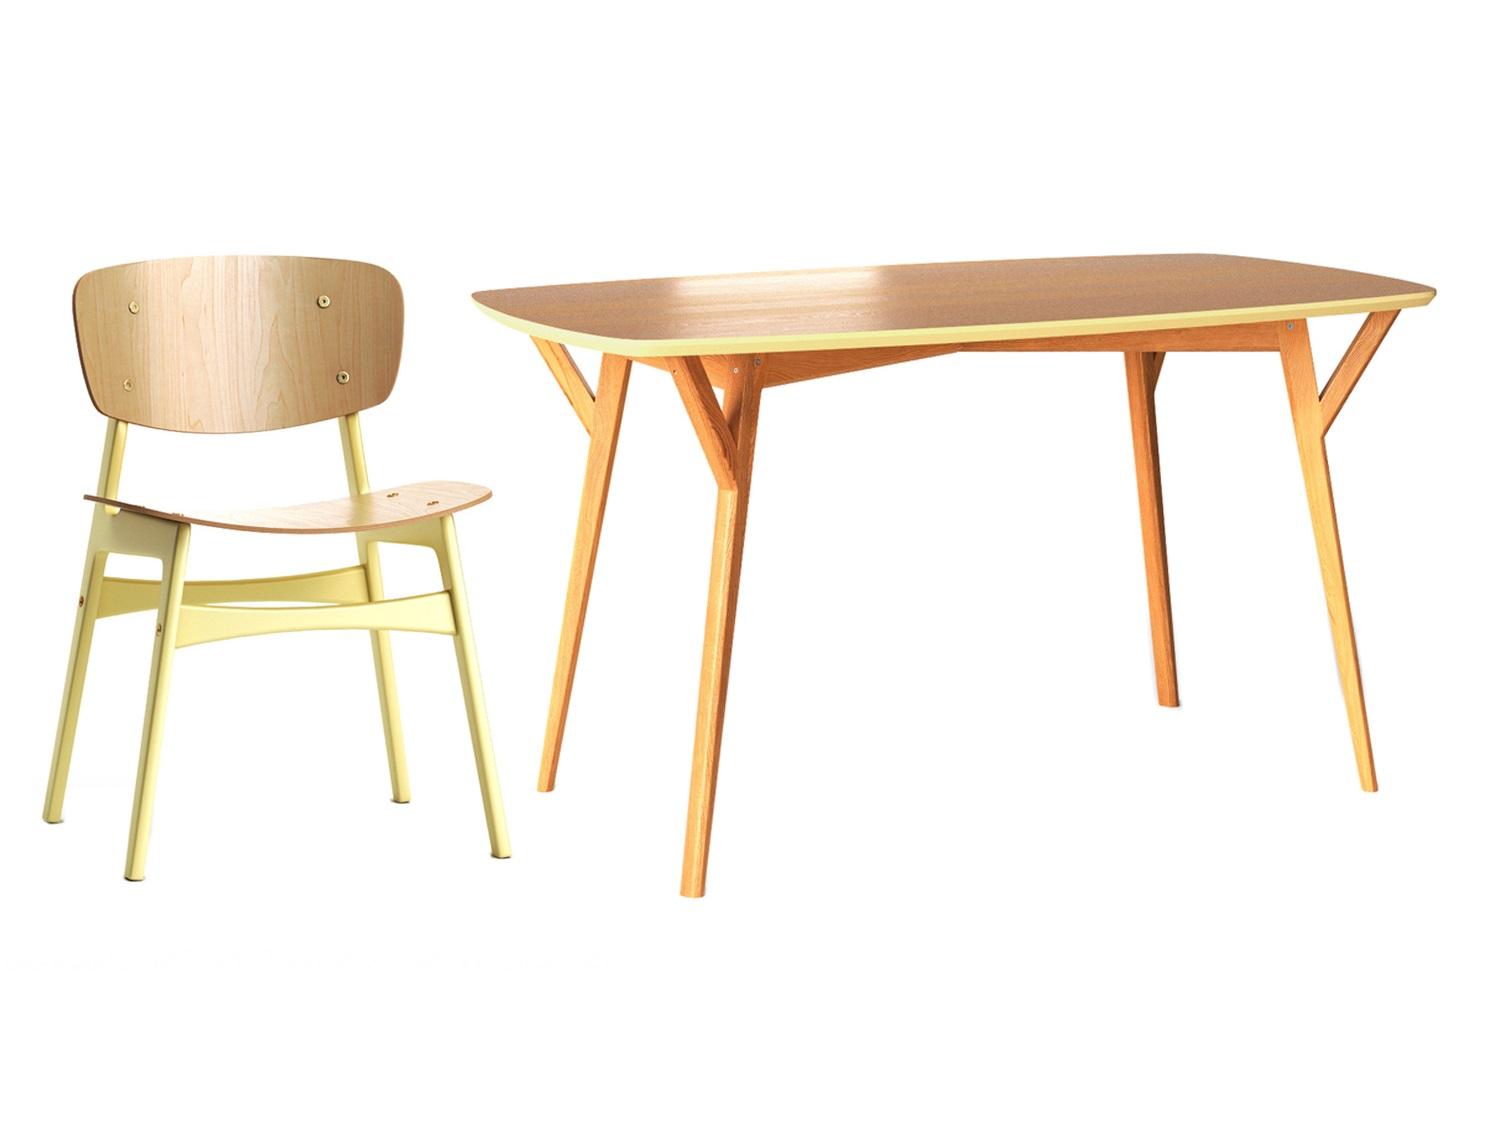 Обеденная группа Proso (стол + 4 стула)Комплекты для столовой<br>&amp;lt;div&amp;gt;&amp;lt;div&amp;gt;&amp;lt;div&amp;gt;Обеденный стол PROSO обладает универсальным дизайном и исключительно устойчивым основанием, что делает его незаменимым в больших семьях и общественных местах. Отсутствие острых углов бережет от нежелательных царапин, а множество вариантов отделок дают возможность создать неповторимую атмосферу.&amp;lt;/div&amp;gt;&amp;lt;/div&amp;gt;&amp;lt;/div&amp;gt;&amp;lt;div&amp;gt;&amp;lt;br&amp;gt;&amp;lt;/div&amp;gt;&amp;lt;div&amp;gt;Обеденный стул SID сочетает в себе гармоничный дизайн и удобство. Он обрадует и эстетов, и прагматиков. Спинка и сидение слегка изогнуты, что обеспечит полный комфорт во время трапезы. Отвлеченную форму повторяют и ножки: они слегка наклонены, придавая нижнему основанию трапециевидную форму. Оригинальный окрас ножек в бежевый послужит цветовым акцентом в интерьере.&amp;lt;br&amp;gt;&amp;lt;/div&amp;gt;&amp;lt;div&amp;gt;&amp;lt;br&amp;gt;&amp;lt;/div&amp;gt;&amp;lt;div&amp;gt;&amp;lt;div&amp;gt;Размеры стола: 140/80/75&amp;lt;/div&amp;gt;&amp;lt;div&amp;gt;Материал стола: дерево&amp;lt;/div&amp;gt;&amp;lt;div&amp;gt;Размеры стула: 54/46/78&amp;lt;/div&amp;gt;&amp;lt;div&amp;gt;Материал стула: дерево&amp;lt;/div&amp;gt;&amp;lt;/div&amp;gt;<br><br>Material: Дерево<br>Length см: 140<br>Width см: 80<br>Depth см: None<br>Height см: 75<br>Diameter см: None